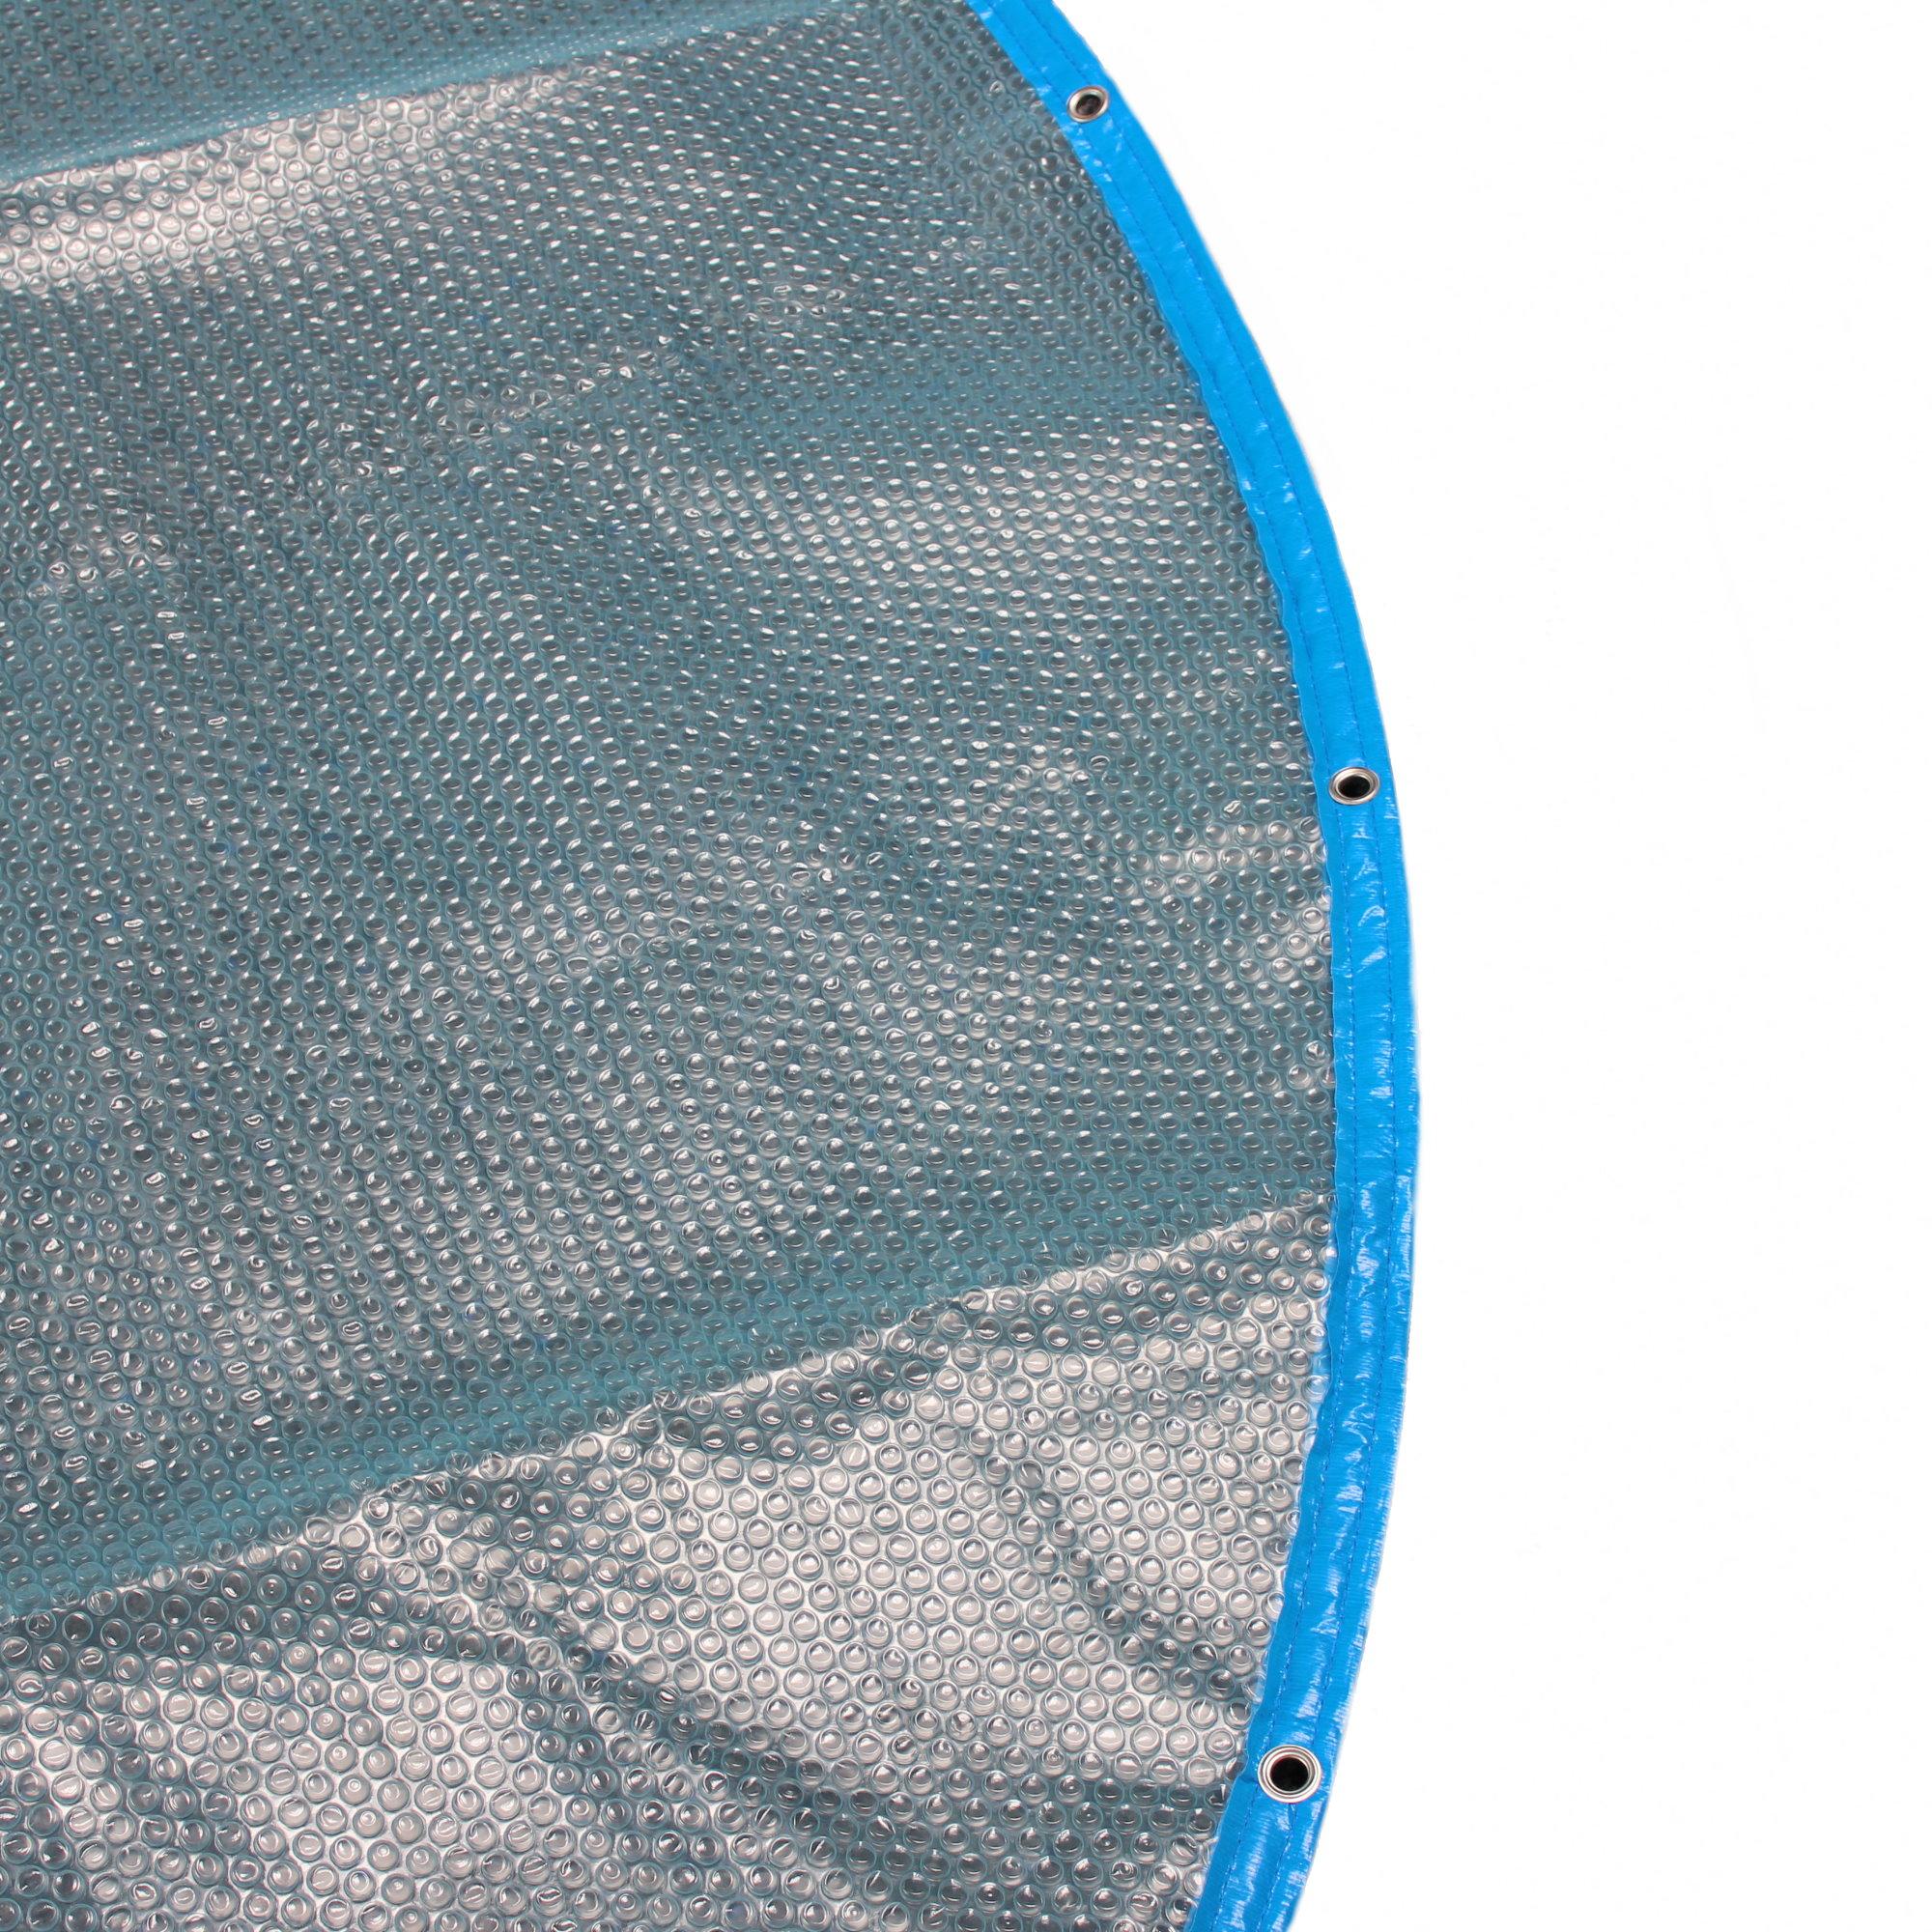 solarabdeckung mit rand und sen 500my blau transluzent f r ovalformbecken pool chlor shop. Black Bedroom Furniture Sets. Home Design Ideas